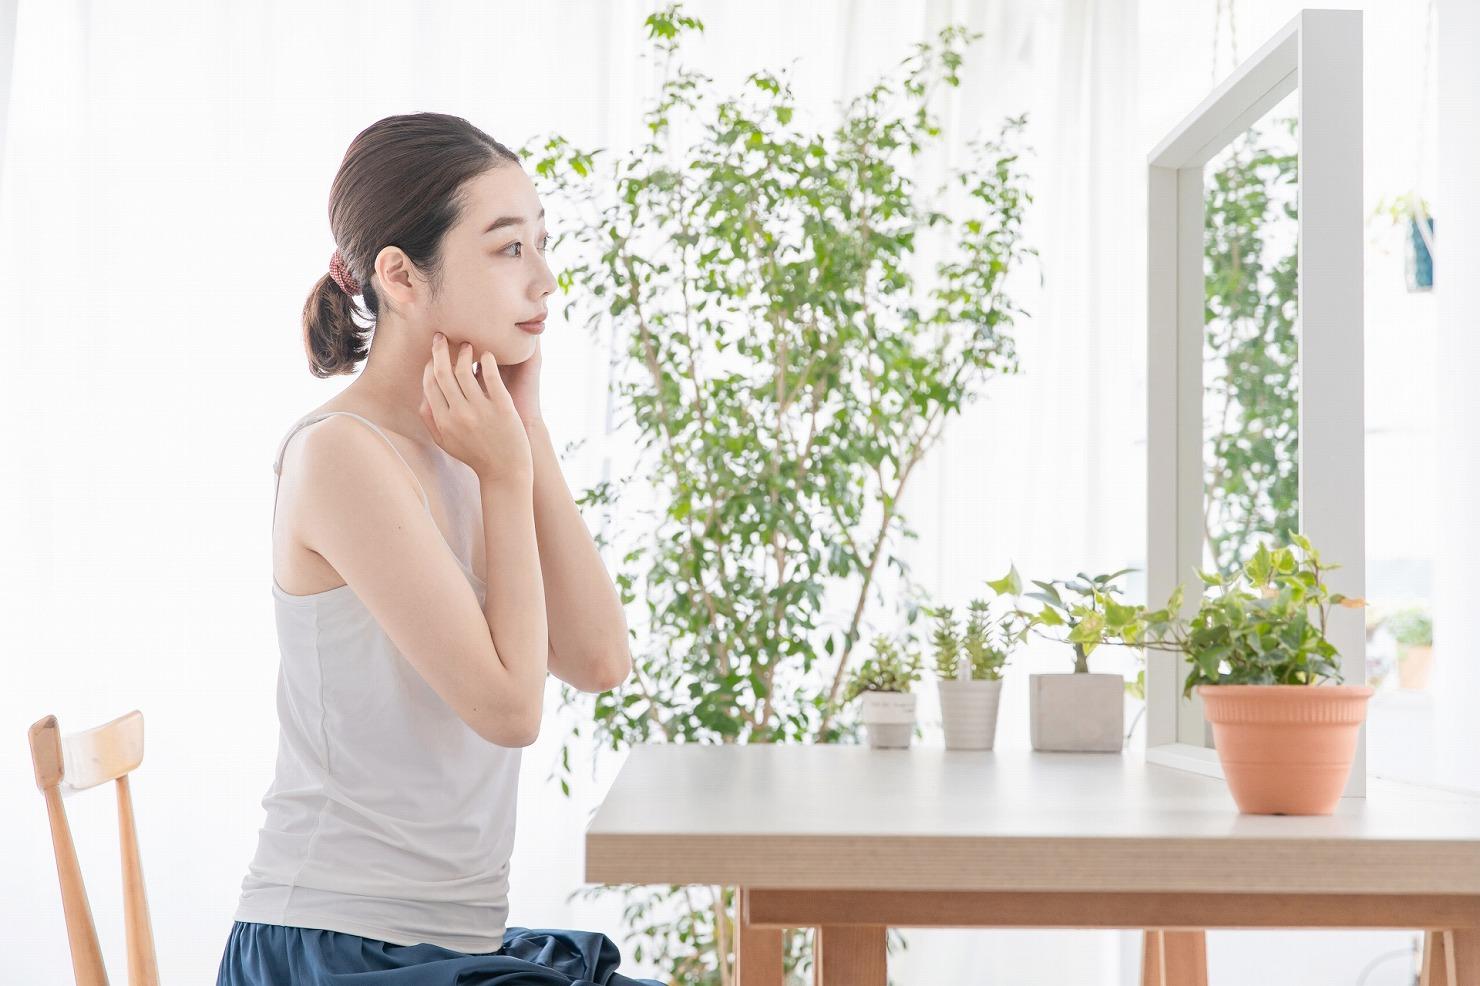 保湿不足に悩むママ向け! おすすめ化粧水3選